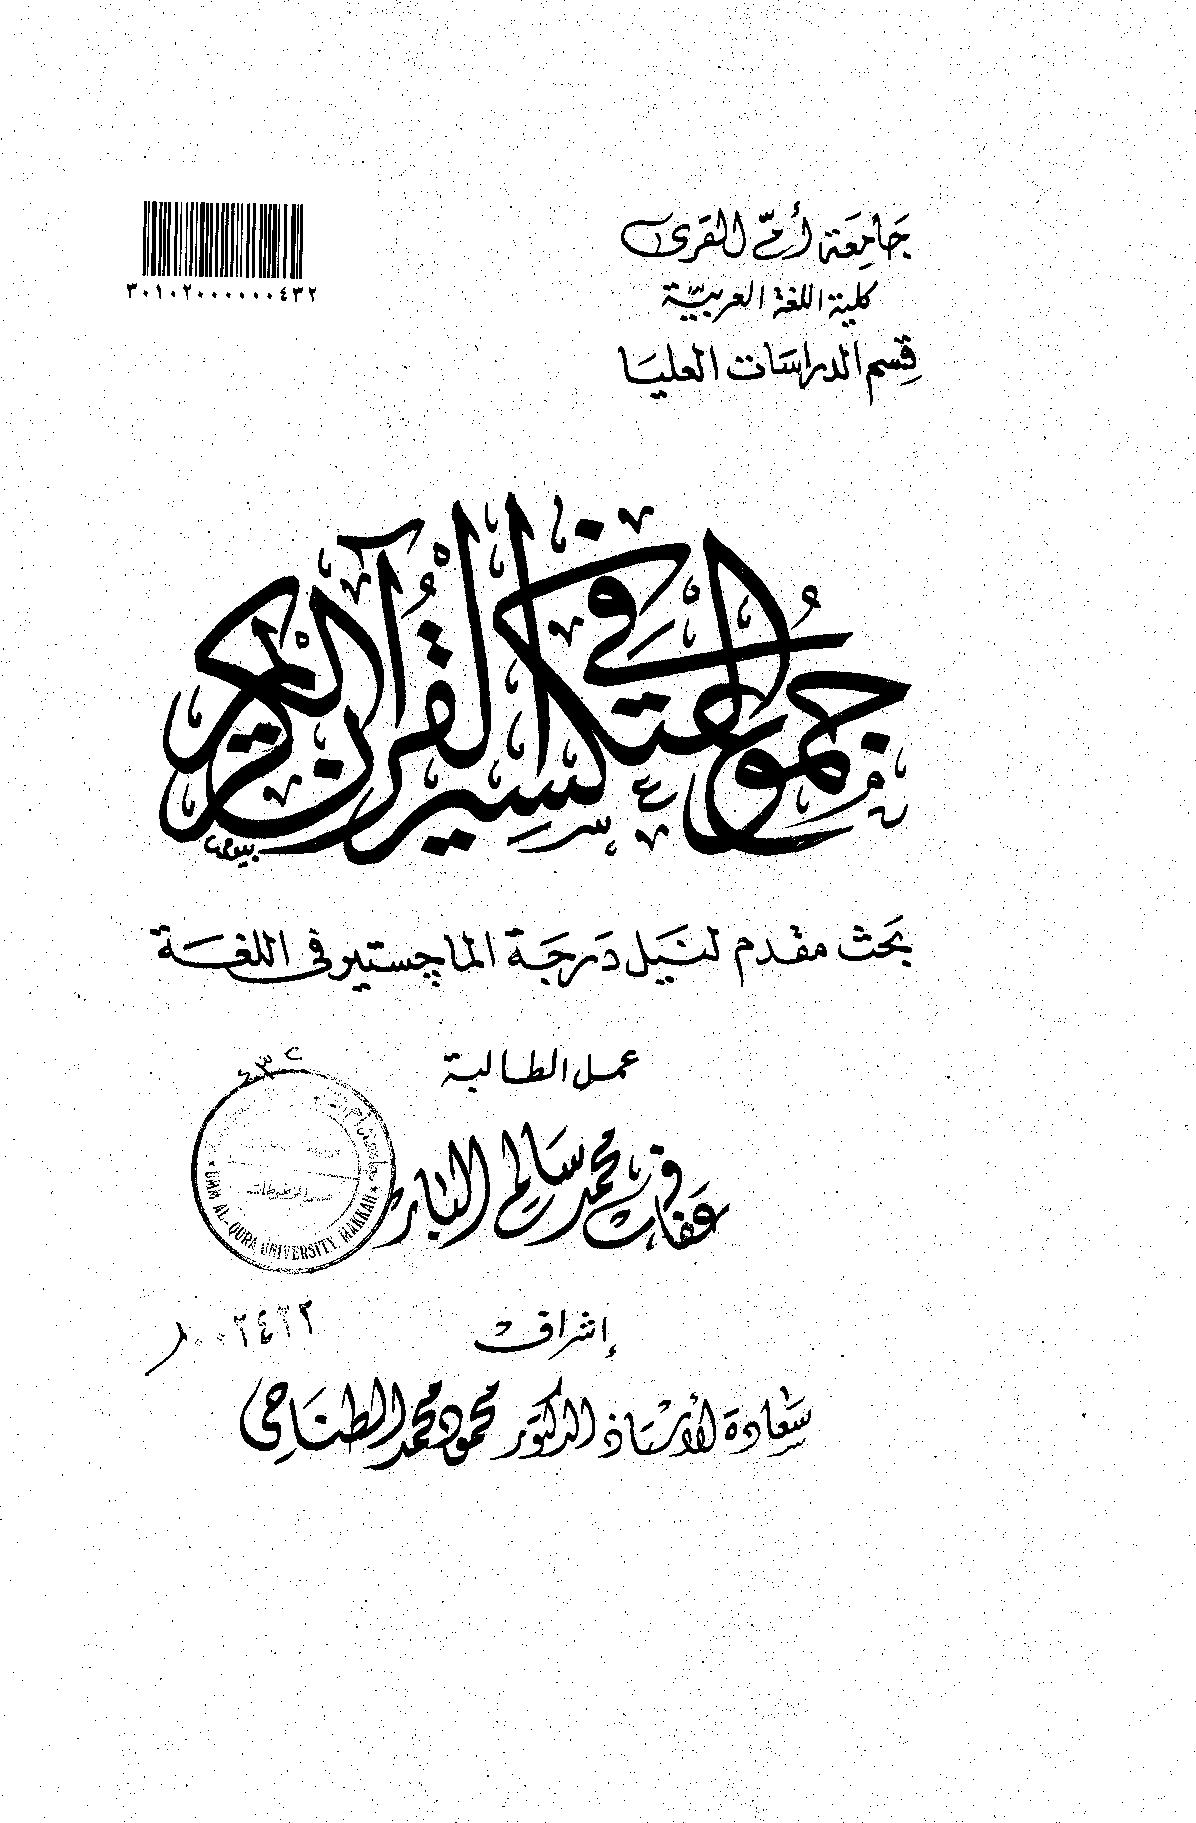 تحميل كتاب جموع التكسير في القرآن الكريم لـِ: عفاف محمد سالم البار